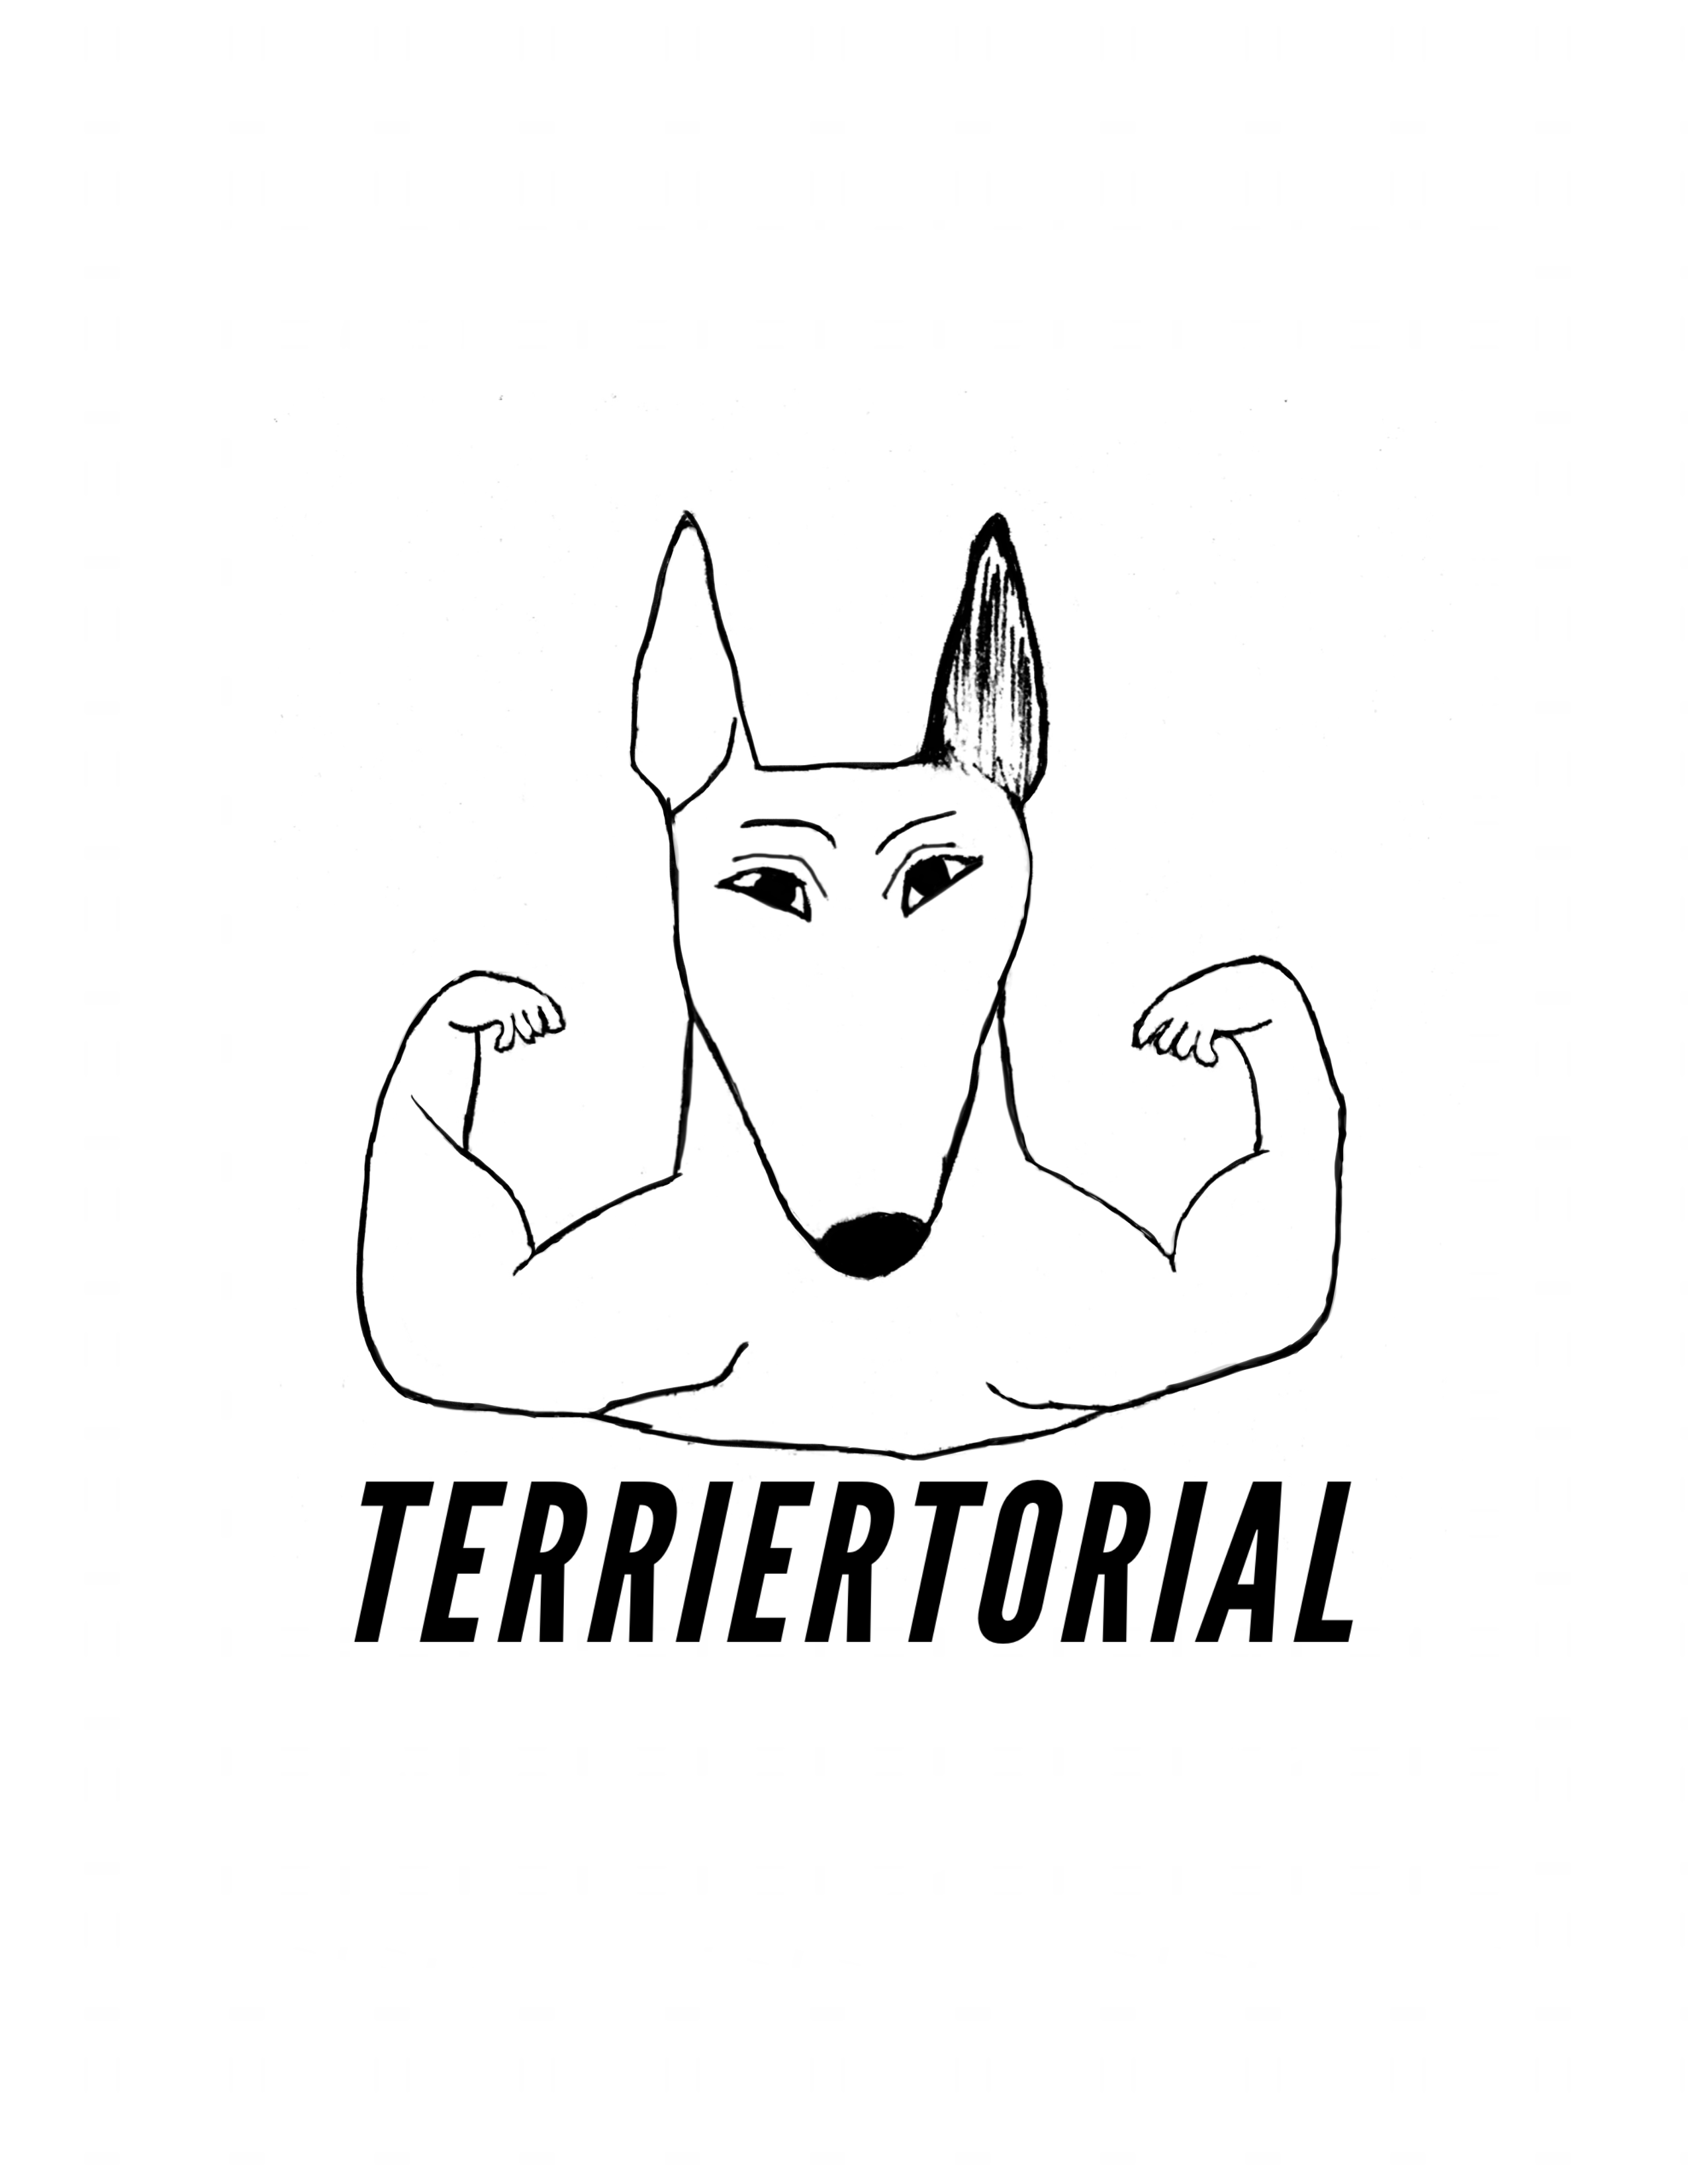 Terriertorial